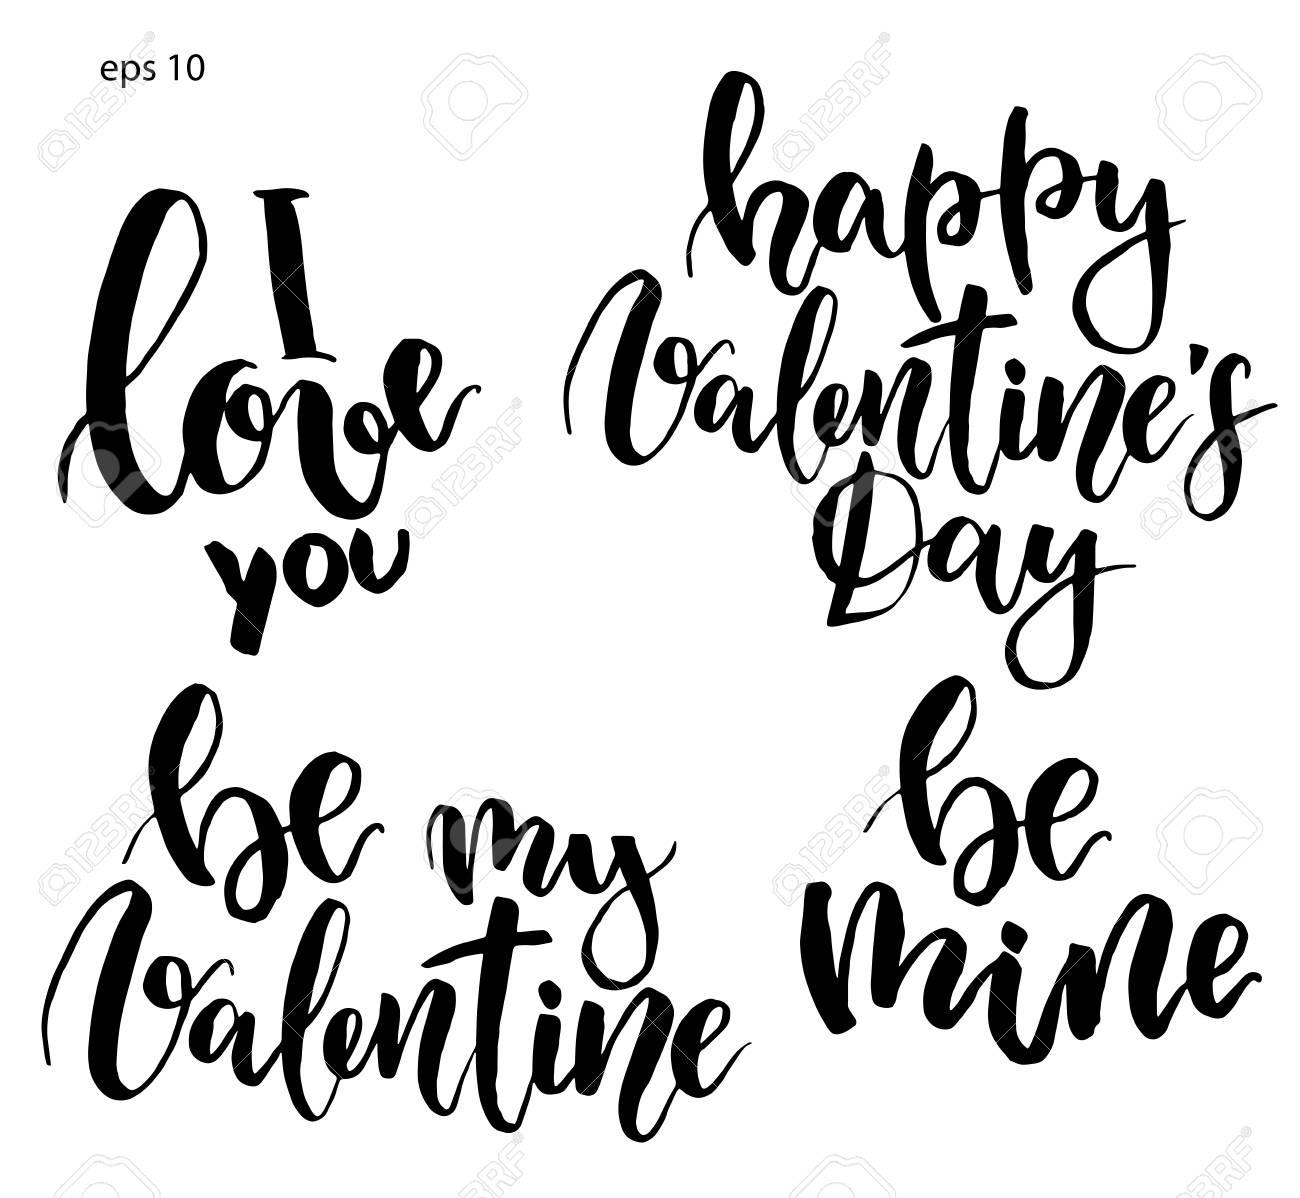 Rotulação De Vetor Frase Pintada Eu Te Amo Seja Meu Namorado Seja Meu Feliz Dia Dos Namorados Impressão De Férias